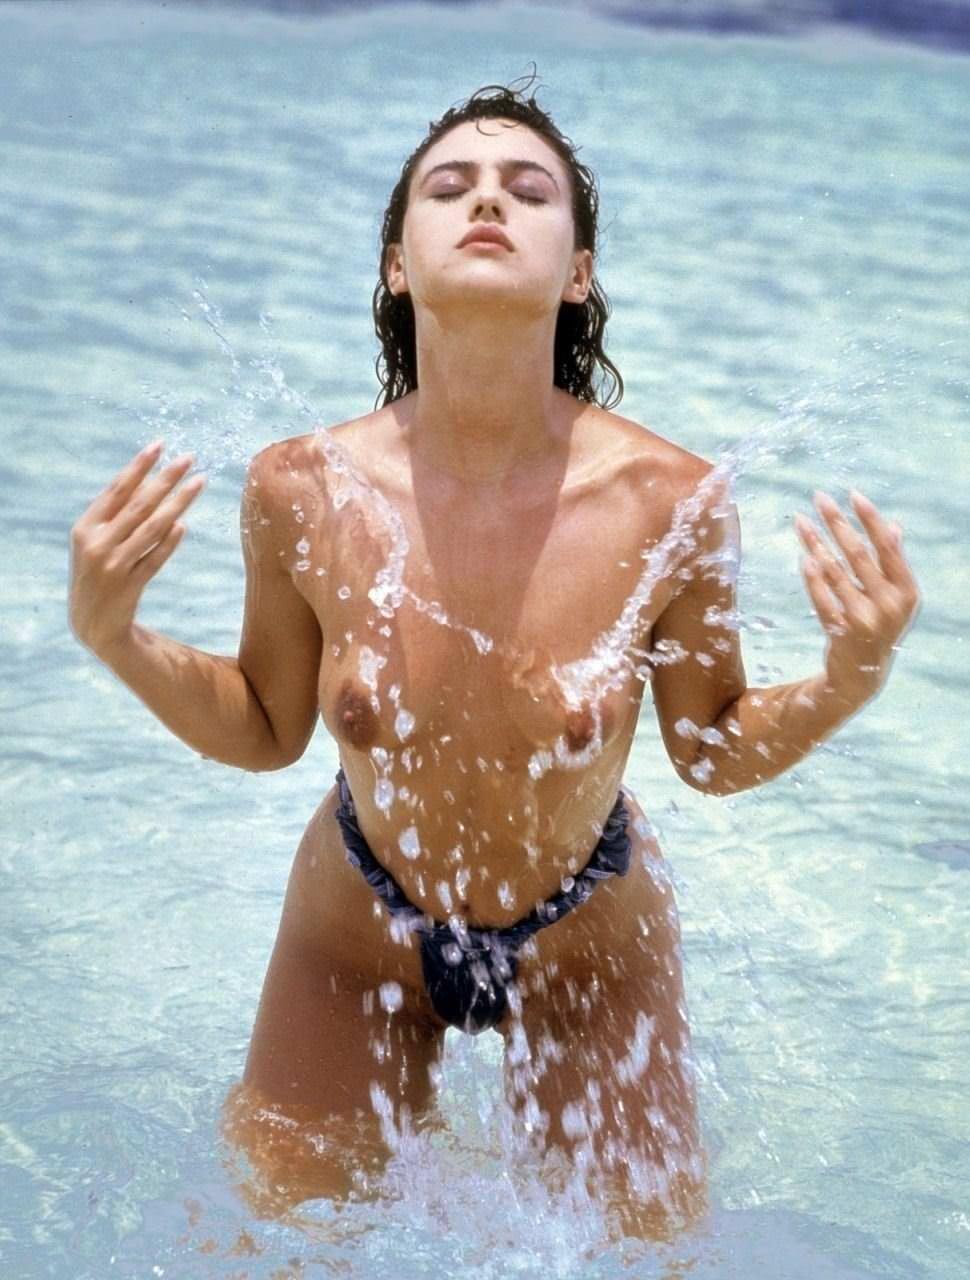 【外人】イタリア人女優モニカ・ベルッチ(Monica Bellucci)の大胆おっぱい露出ポルノ画像 1289